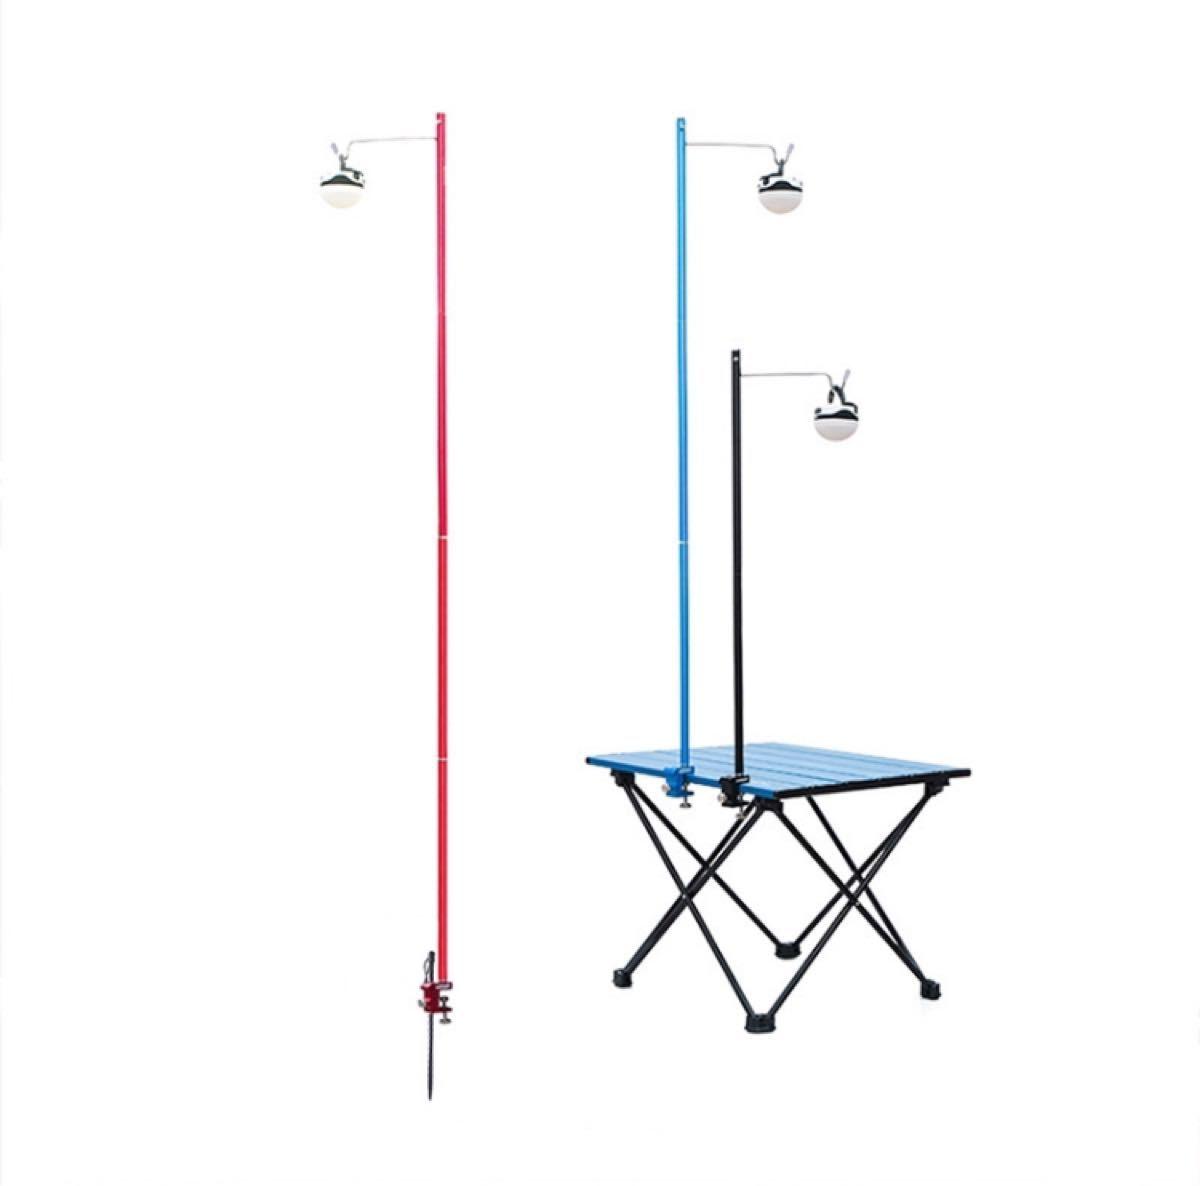 ランタンスタンド  テーブルと地面両用 ランタンハンガー 高強度アルミ ブルー